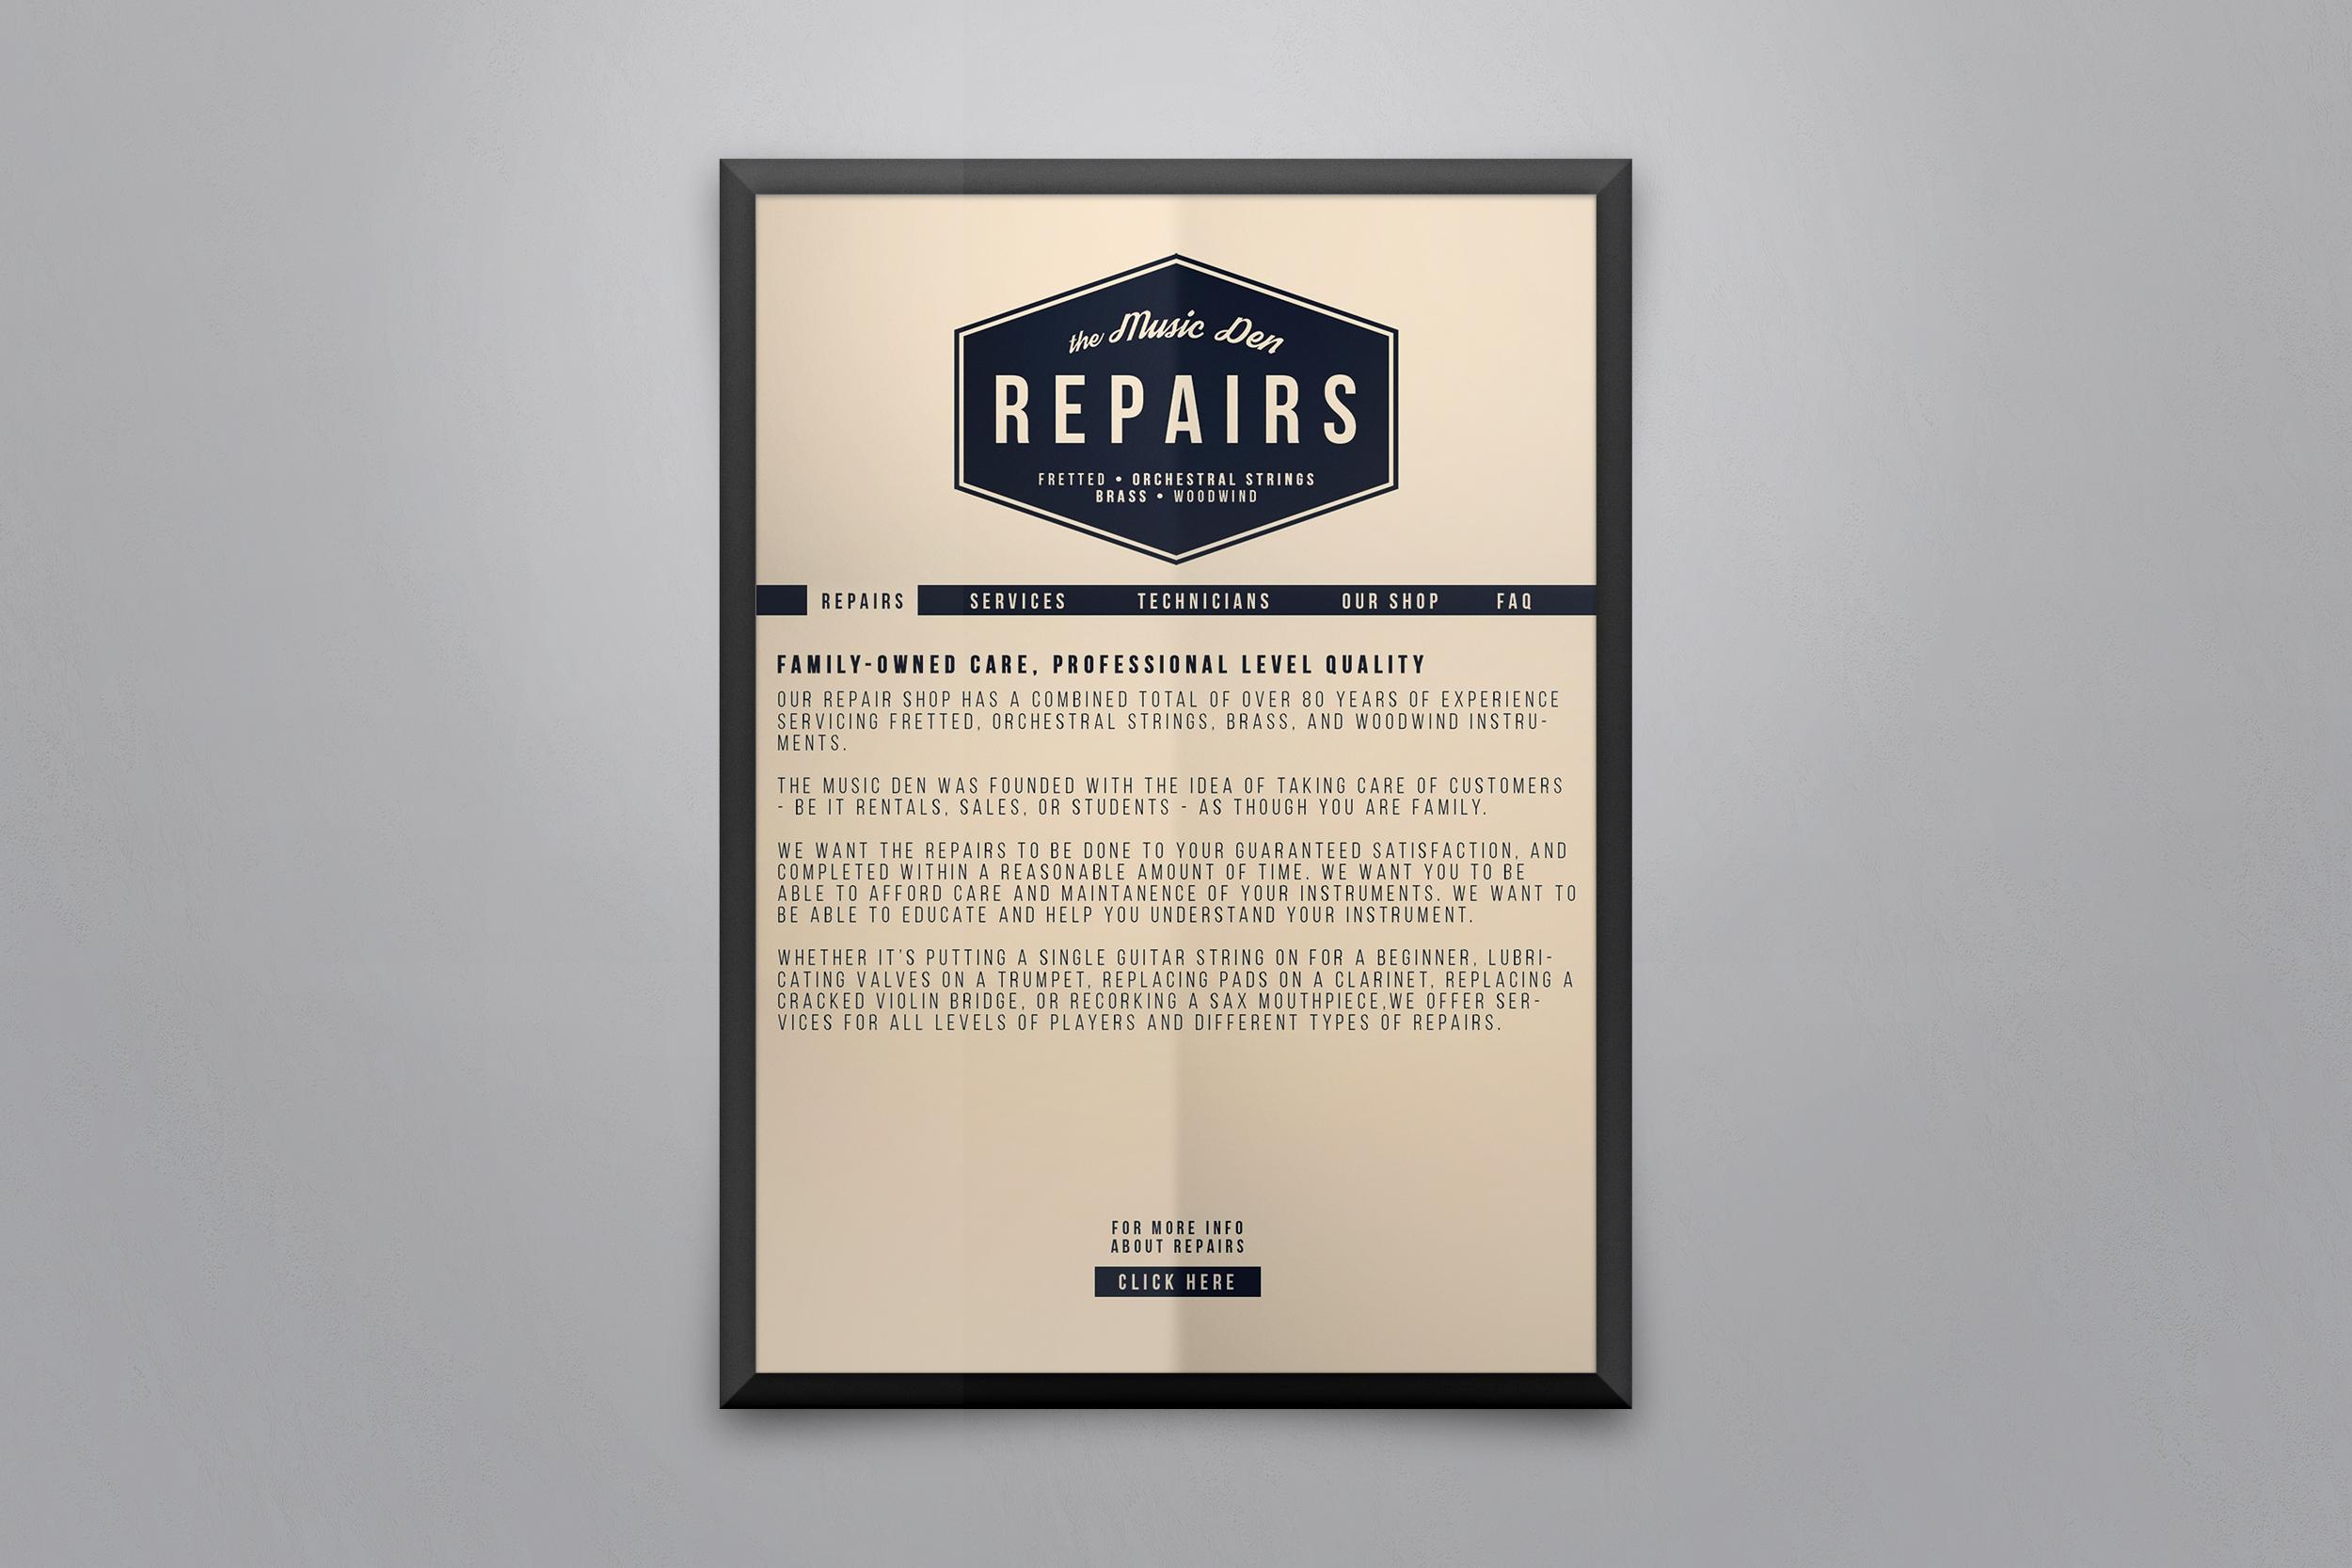 md-repairs.jpg